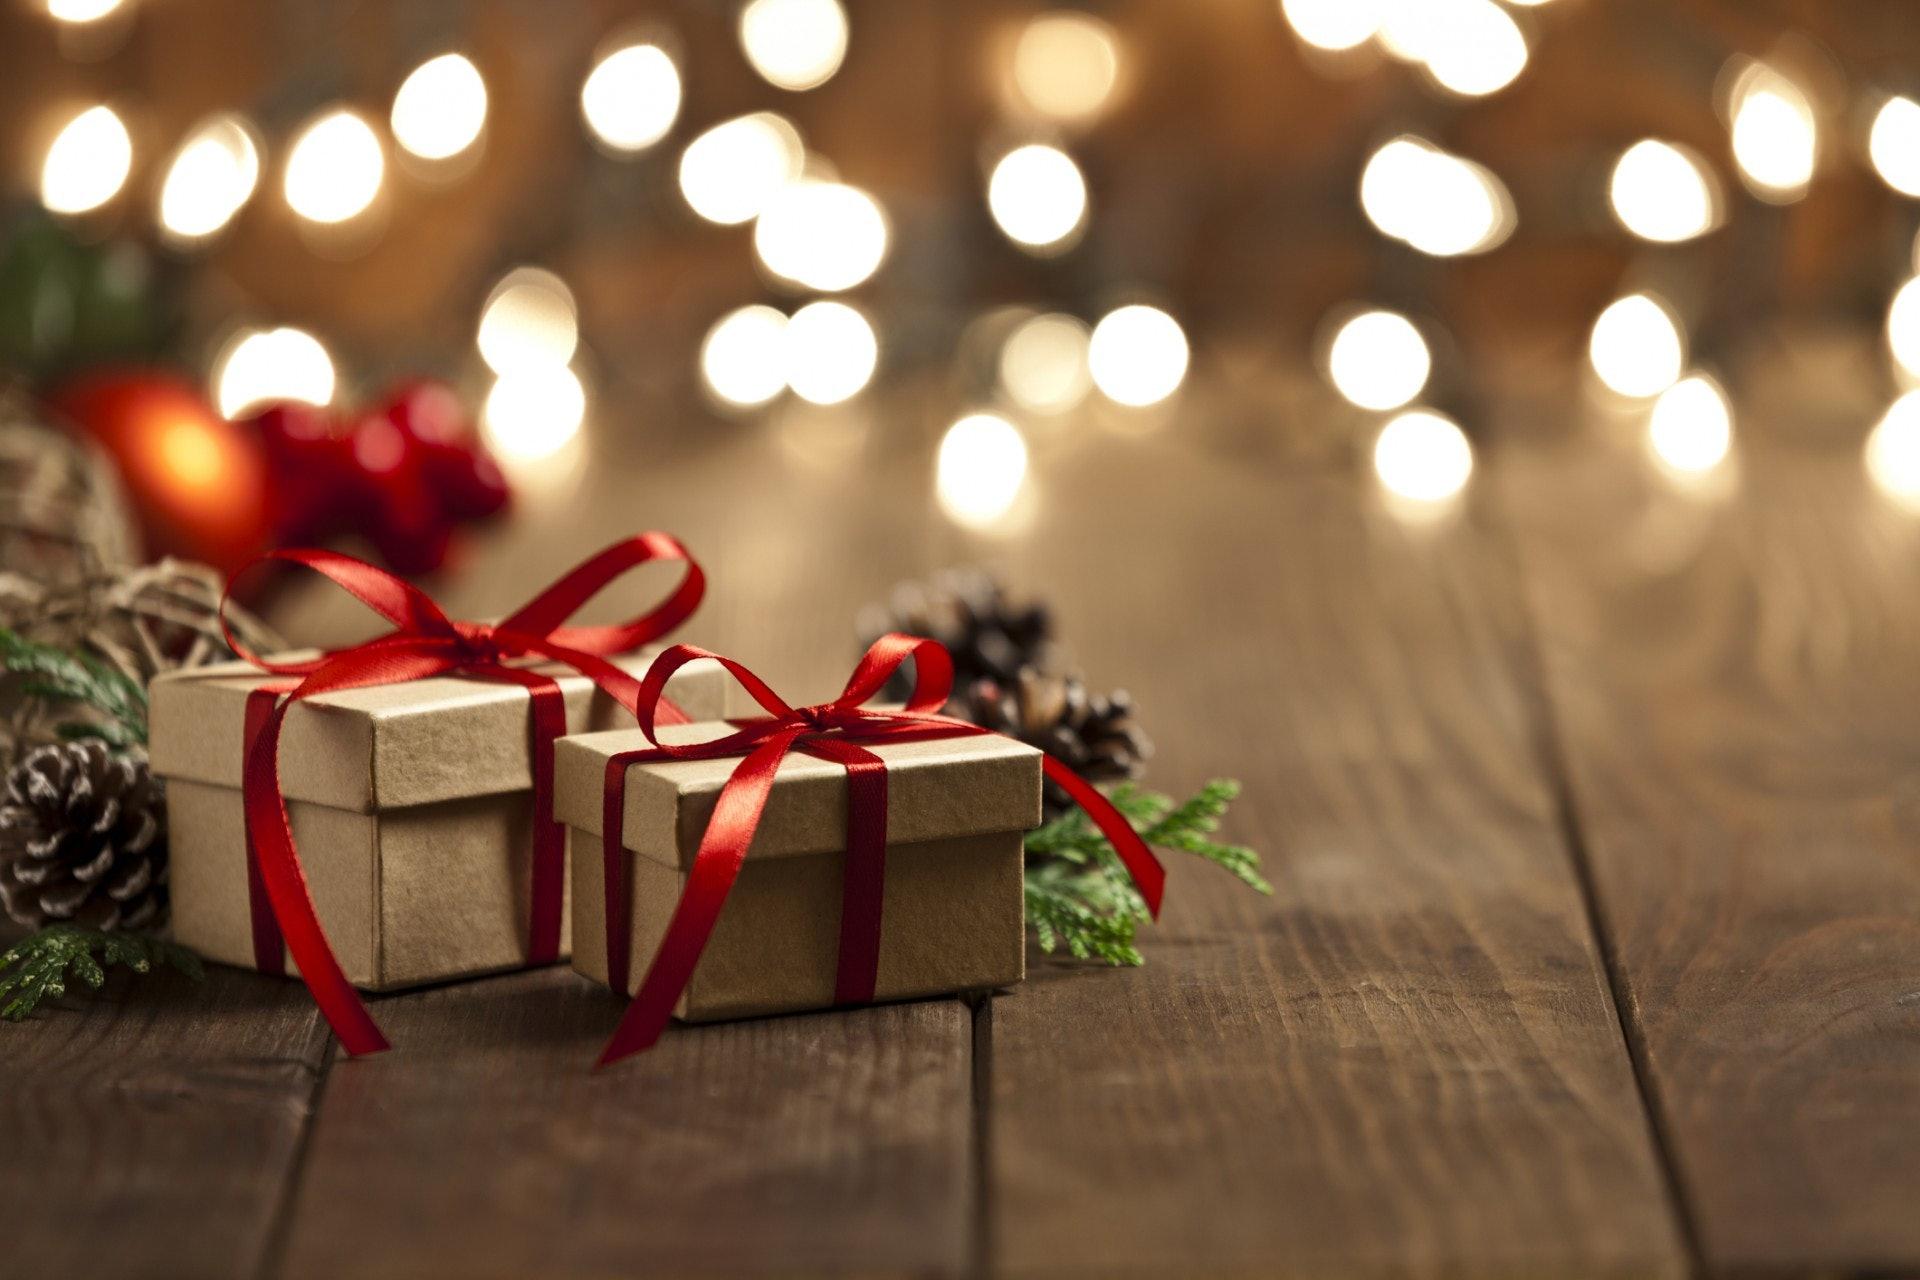 人靠衣裝、佛靠金裝、禮物靠包裝,有心思的包裝一樣可以使聖誕禮物「昇華」一個,甚至數個層次。(Getty Images/視覺中國)